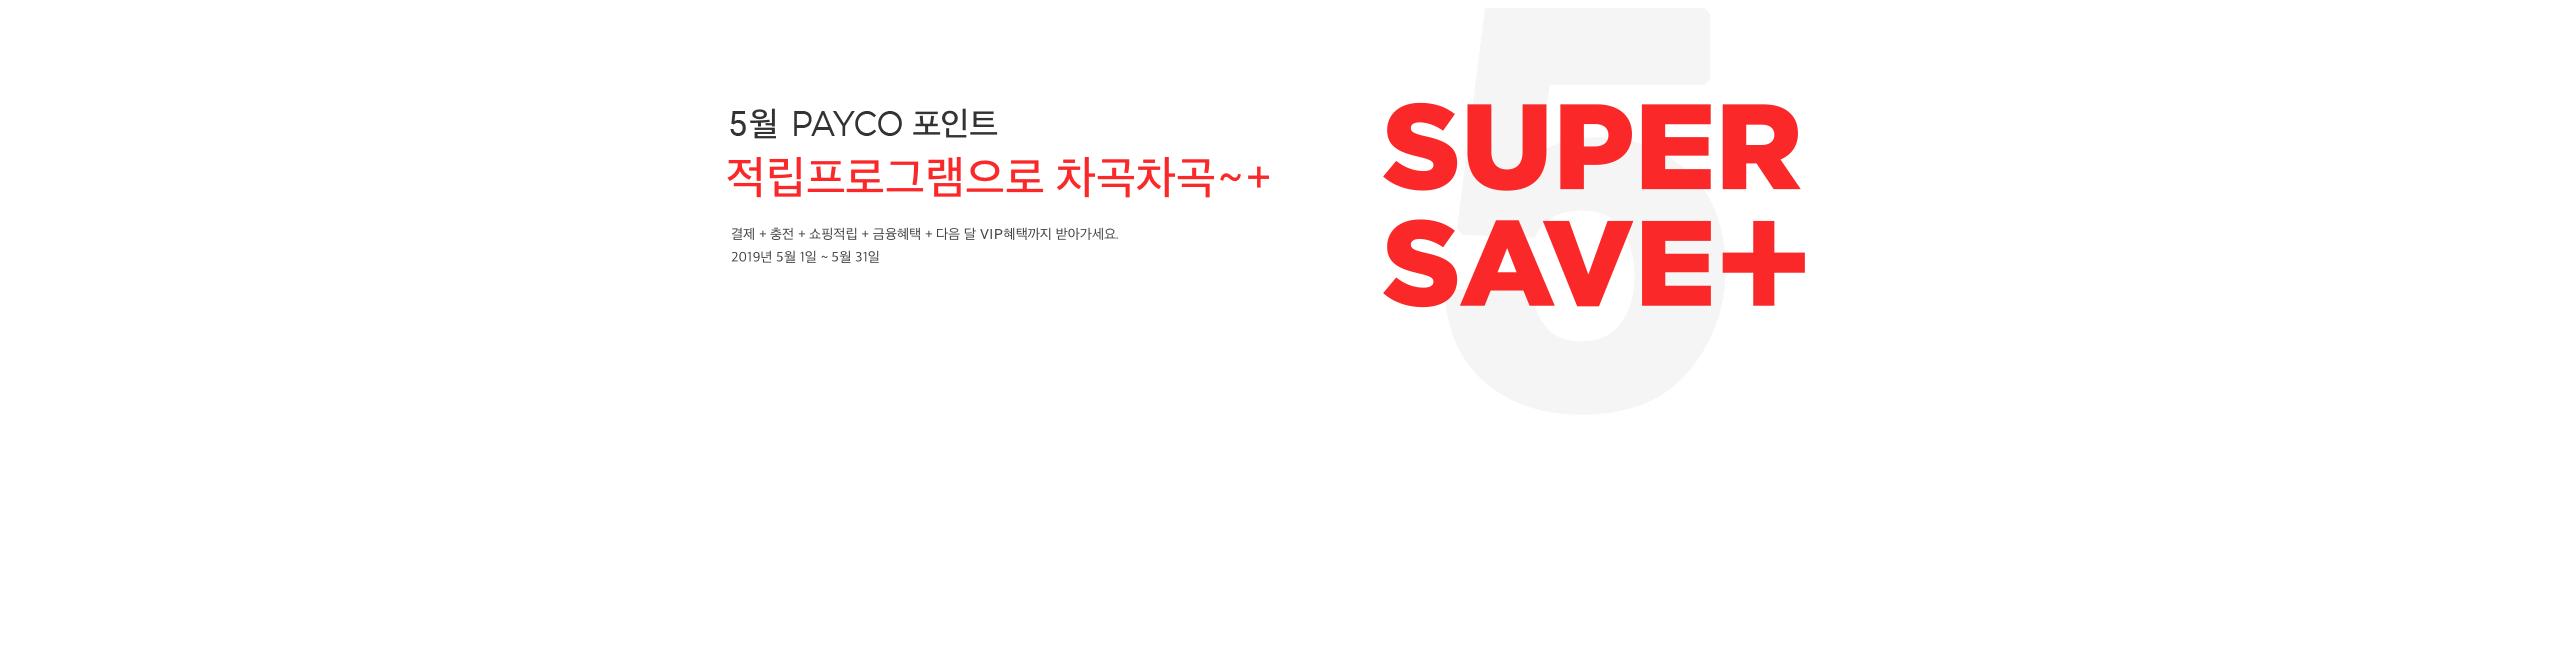 11월 PAYCO SUPER SAVE